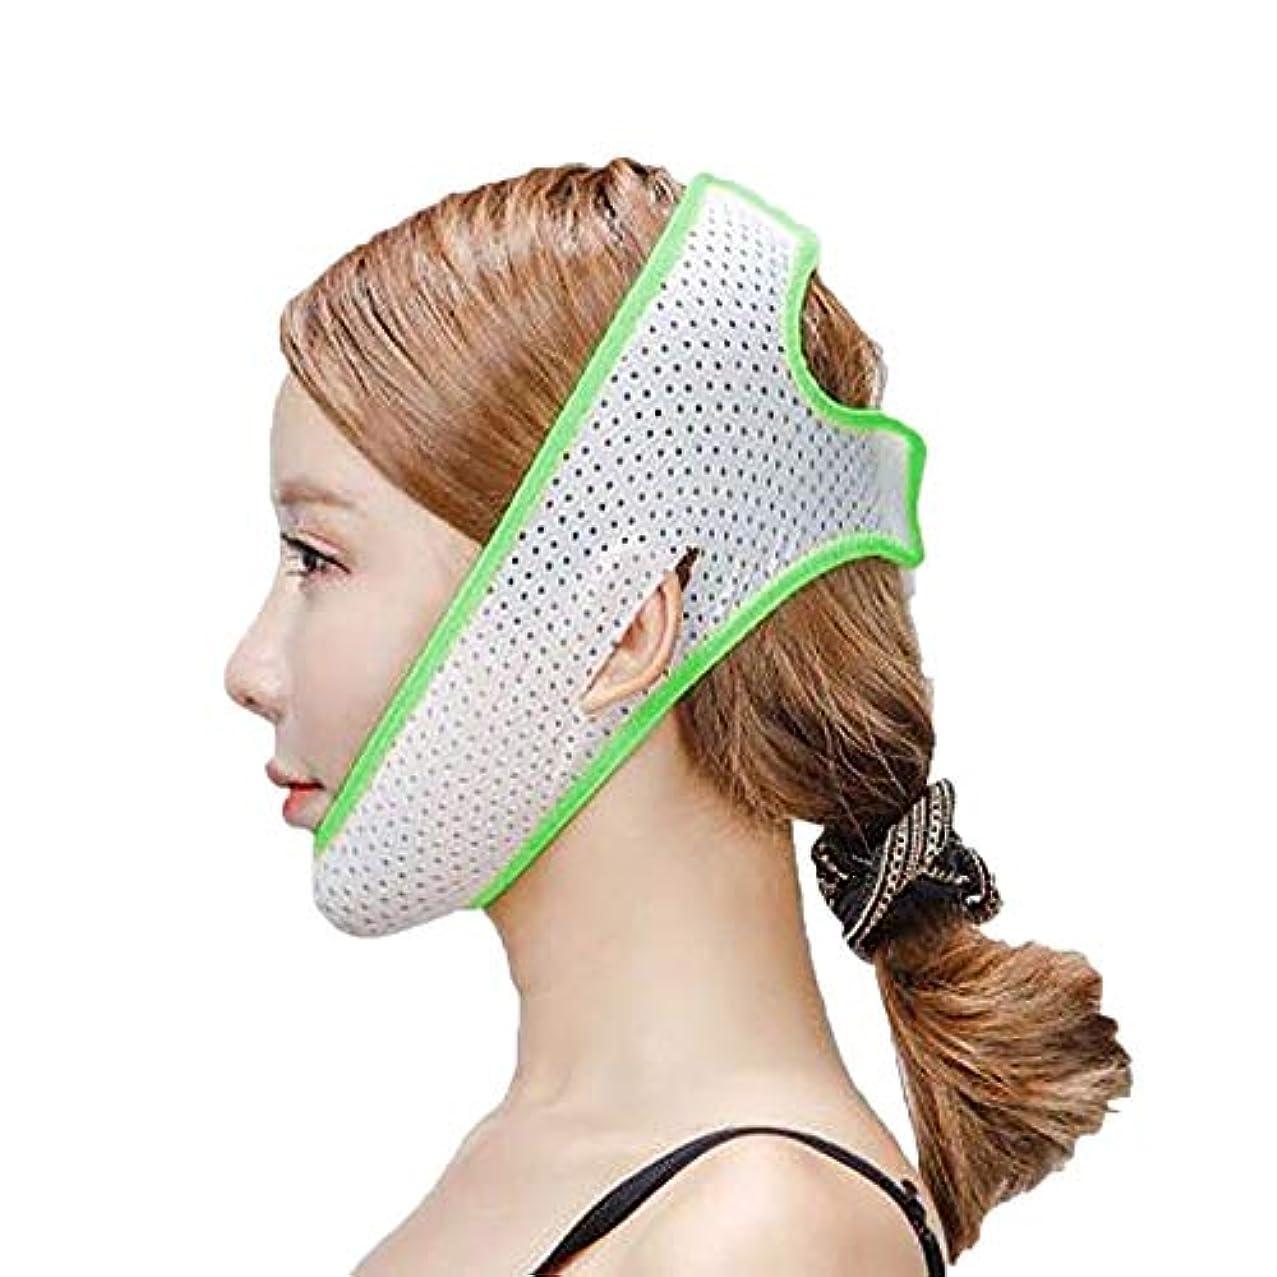 息切れサラダ製作XHLMRMJ フェイスリフトマスク、ダブルチンストラップ、フェイシャル減量マスク、フェイシャルダブルチンケアスリミングマスク、リンクルマスク(フリーサイズ) (Color : Green)